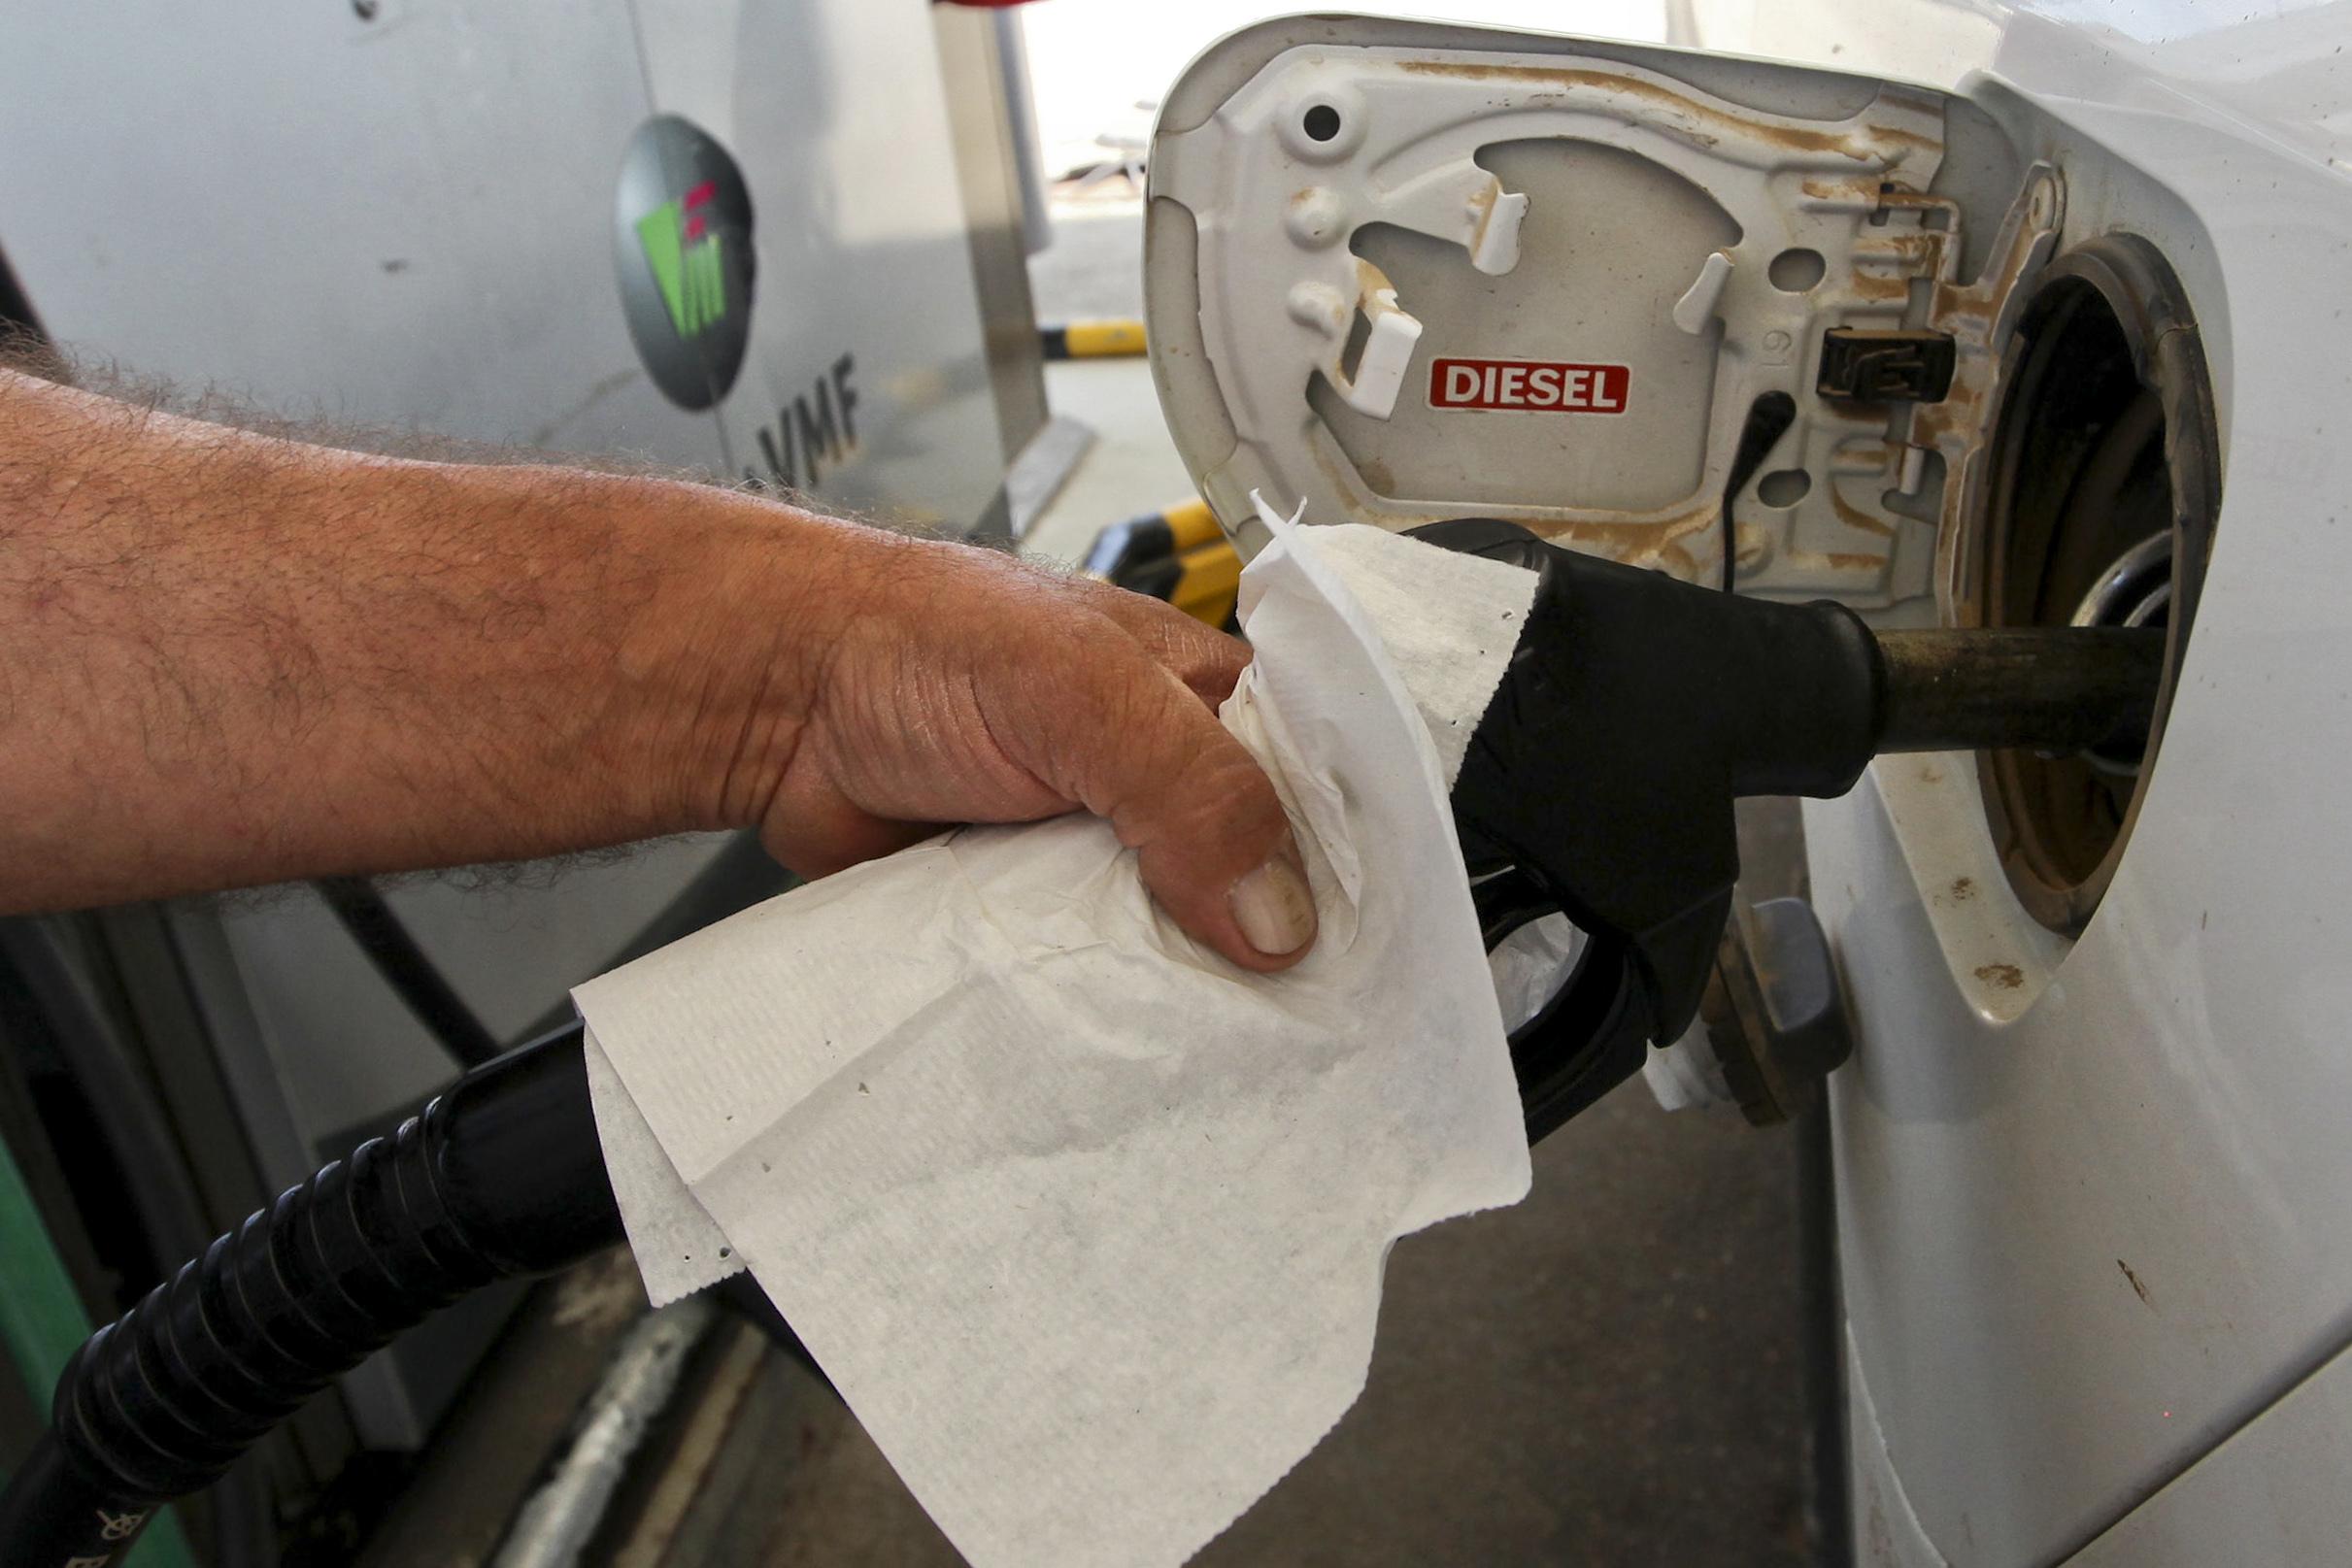 Governo aprova desconto de 10 cêntimos no combustível para entrar em vigor a 10 de novembro